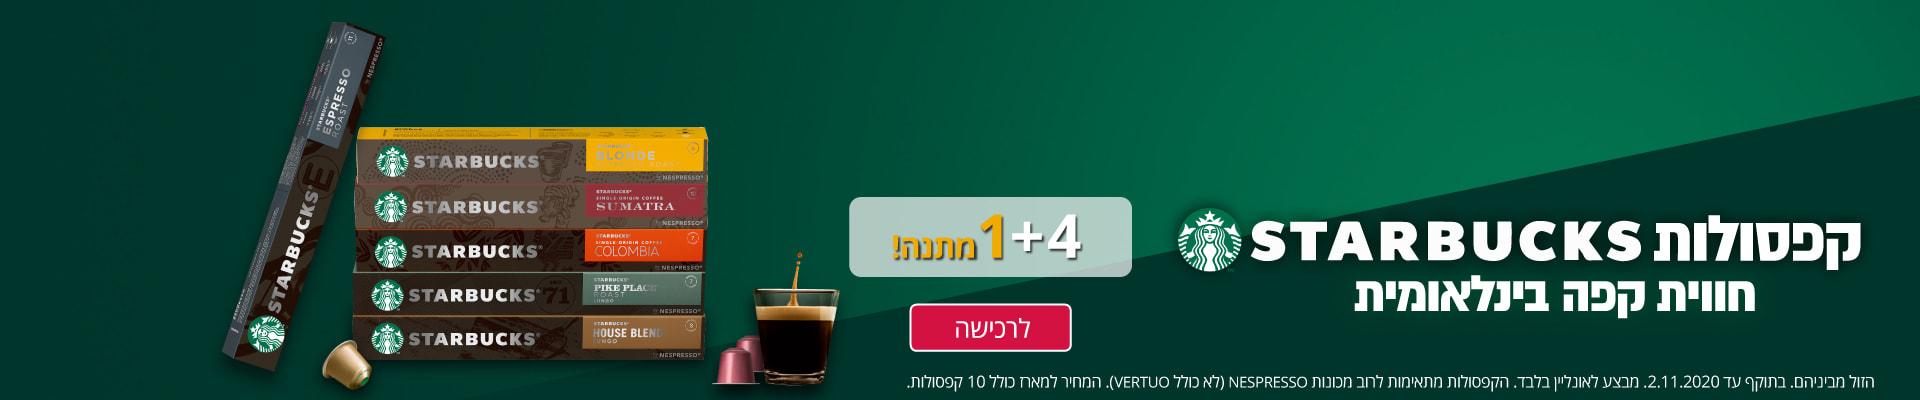 קפסולות SRARBUCKS חווית קפה בינלאומית 1+4 מתנה! הזול מביניהם. בתוקף עד 2.11.2020. מבצע לאונליין בלבד. הקפסולות מתאימות לרוב מכונות NESPRESSO (לא כולל VERTUO). המחיר למארז כולל 10 קפסולות.